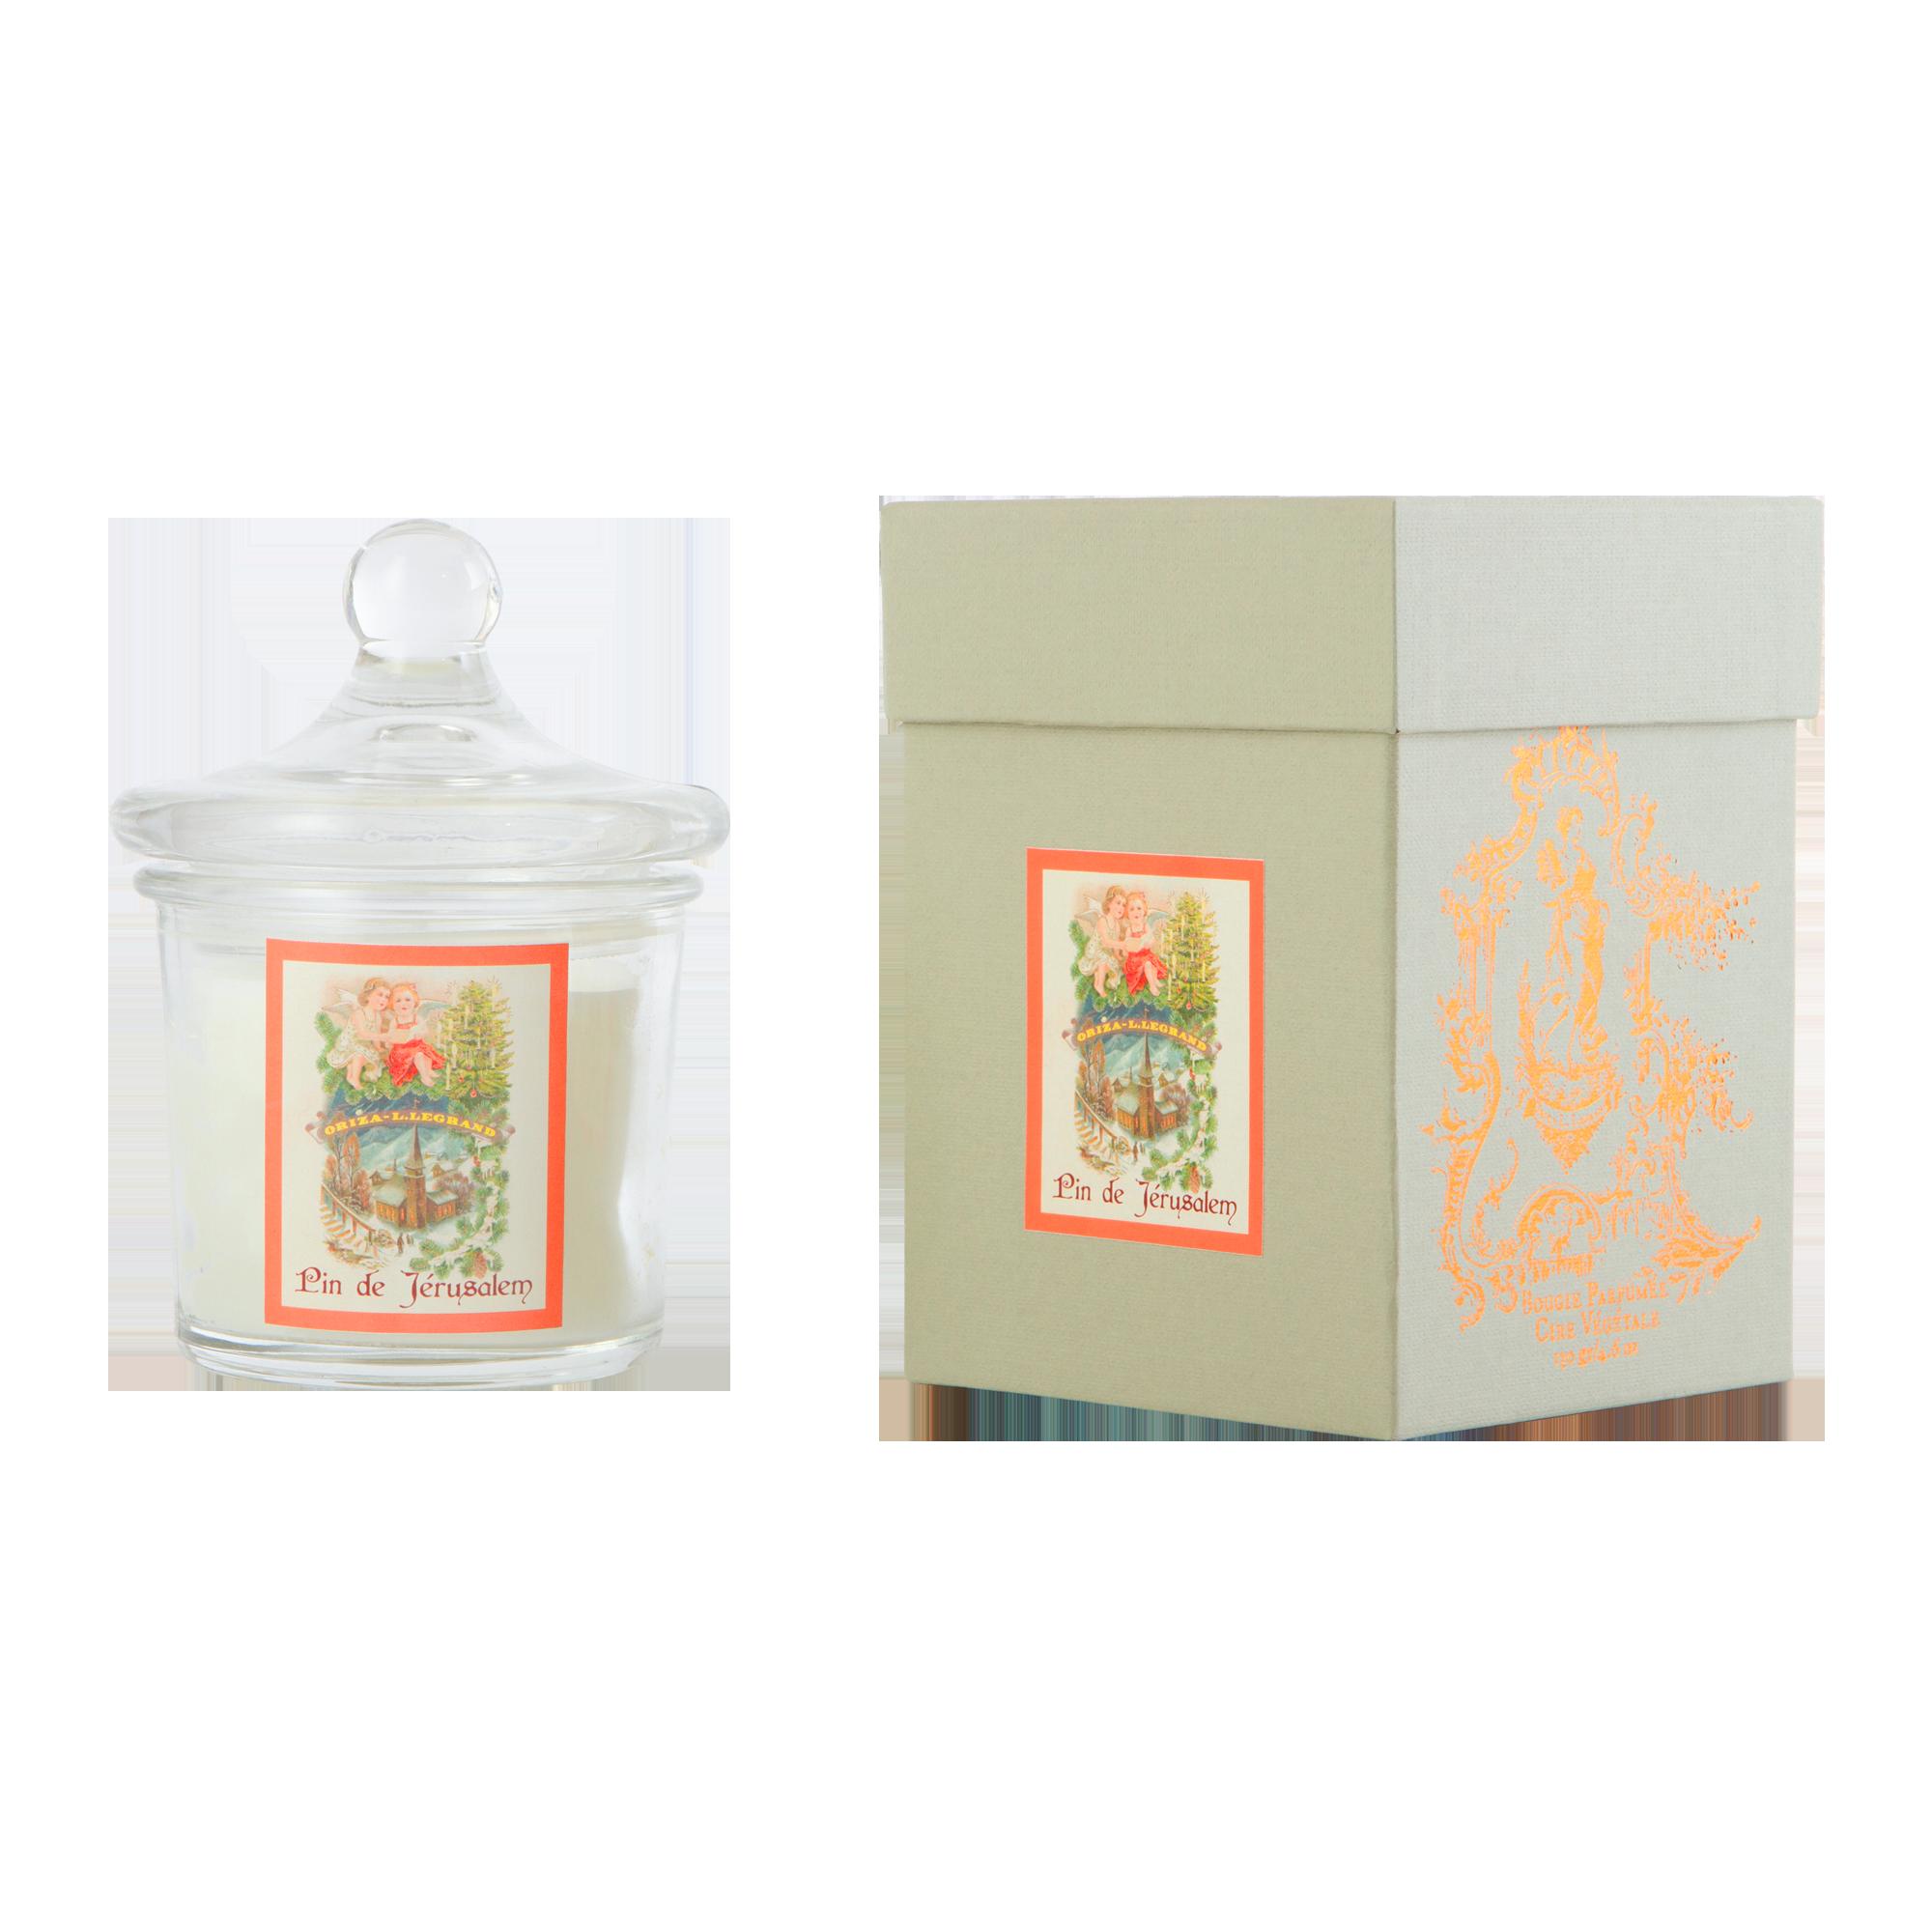 ORIZA L.LEGRAND Pin de Jérusalem Perfumed Candle 130 g